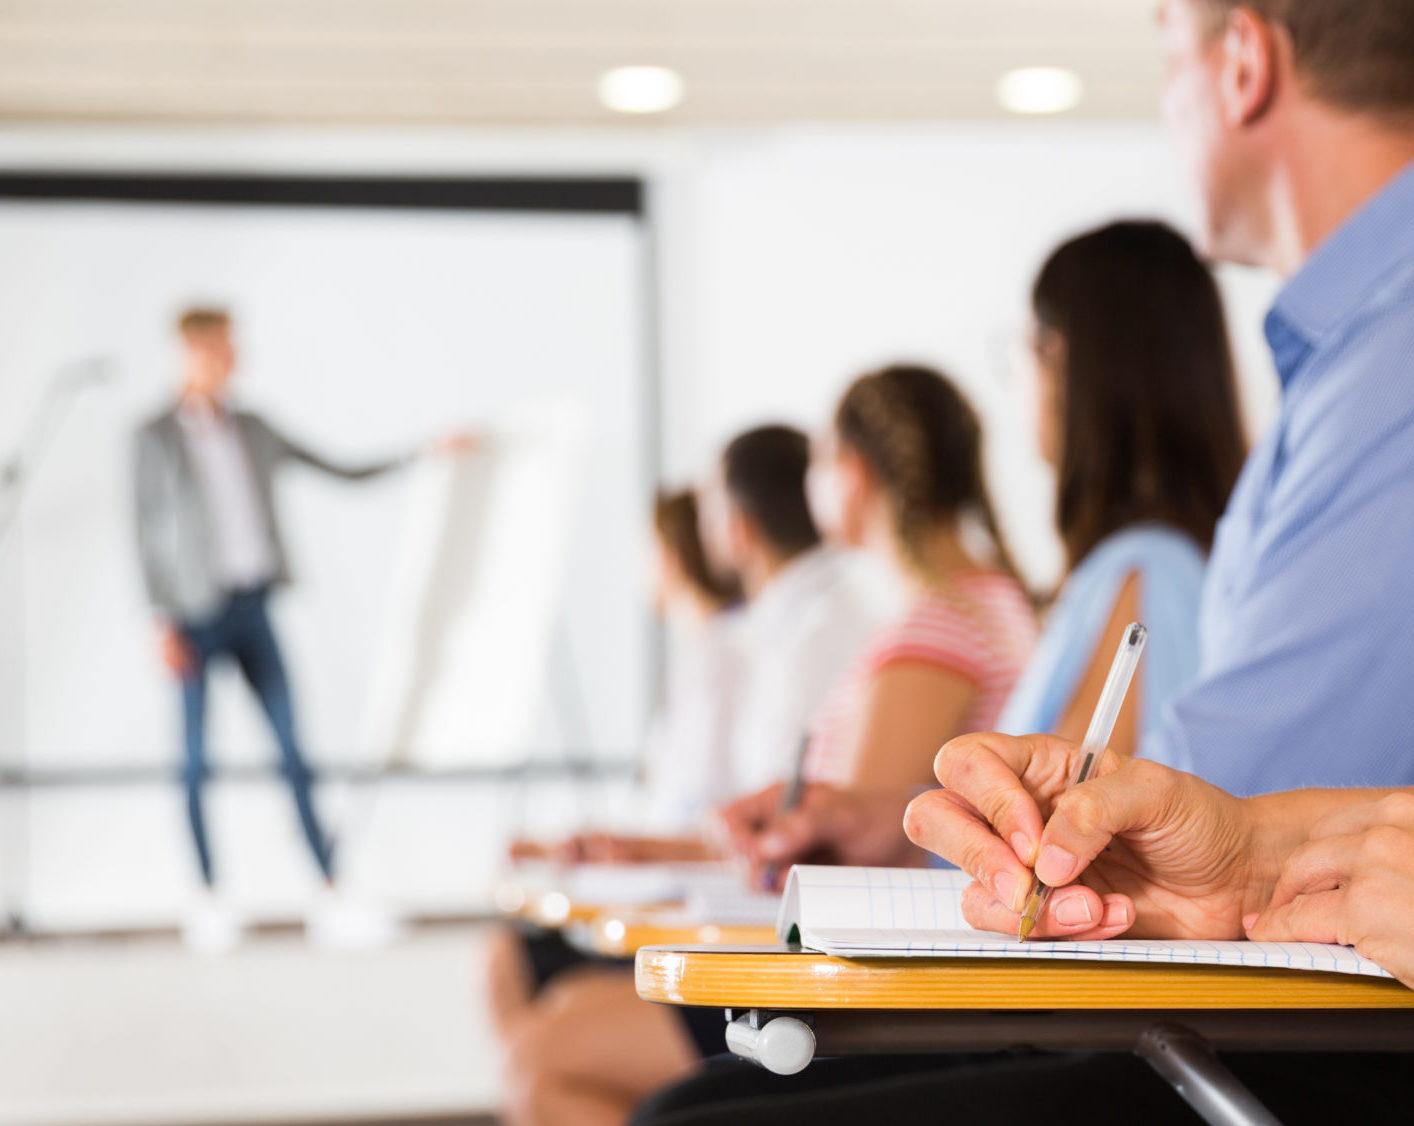 Homme présentant devant une salle de classe